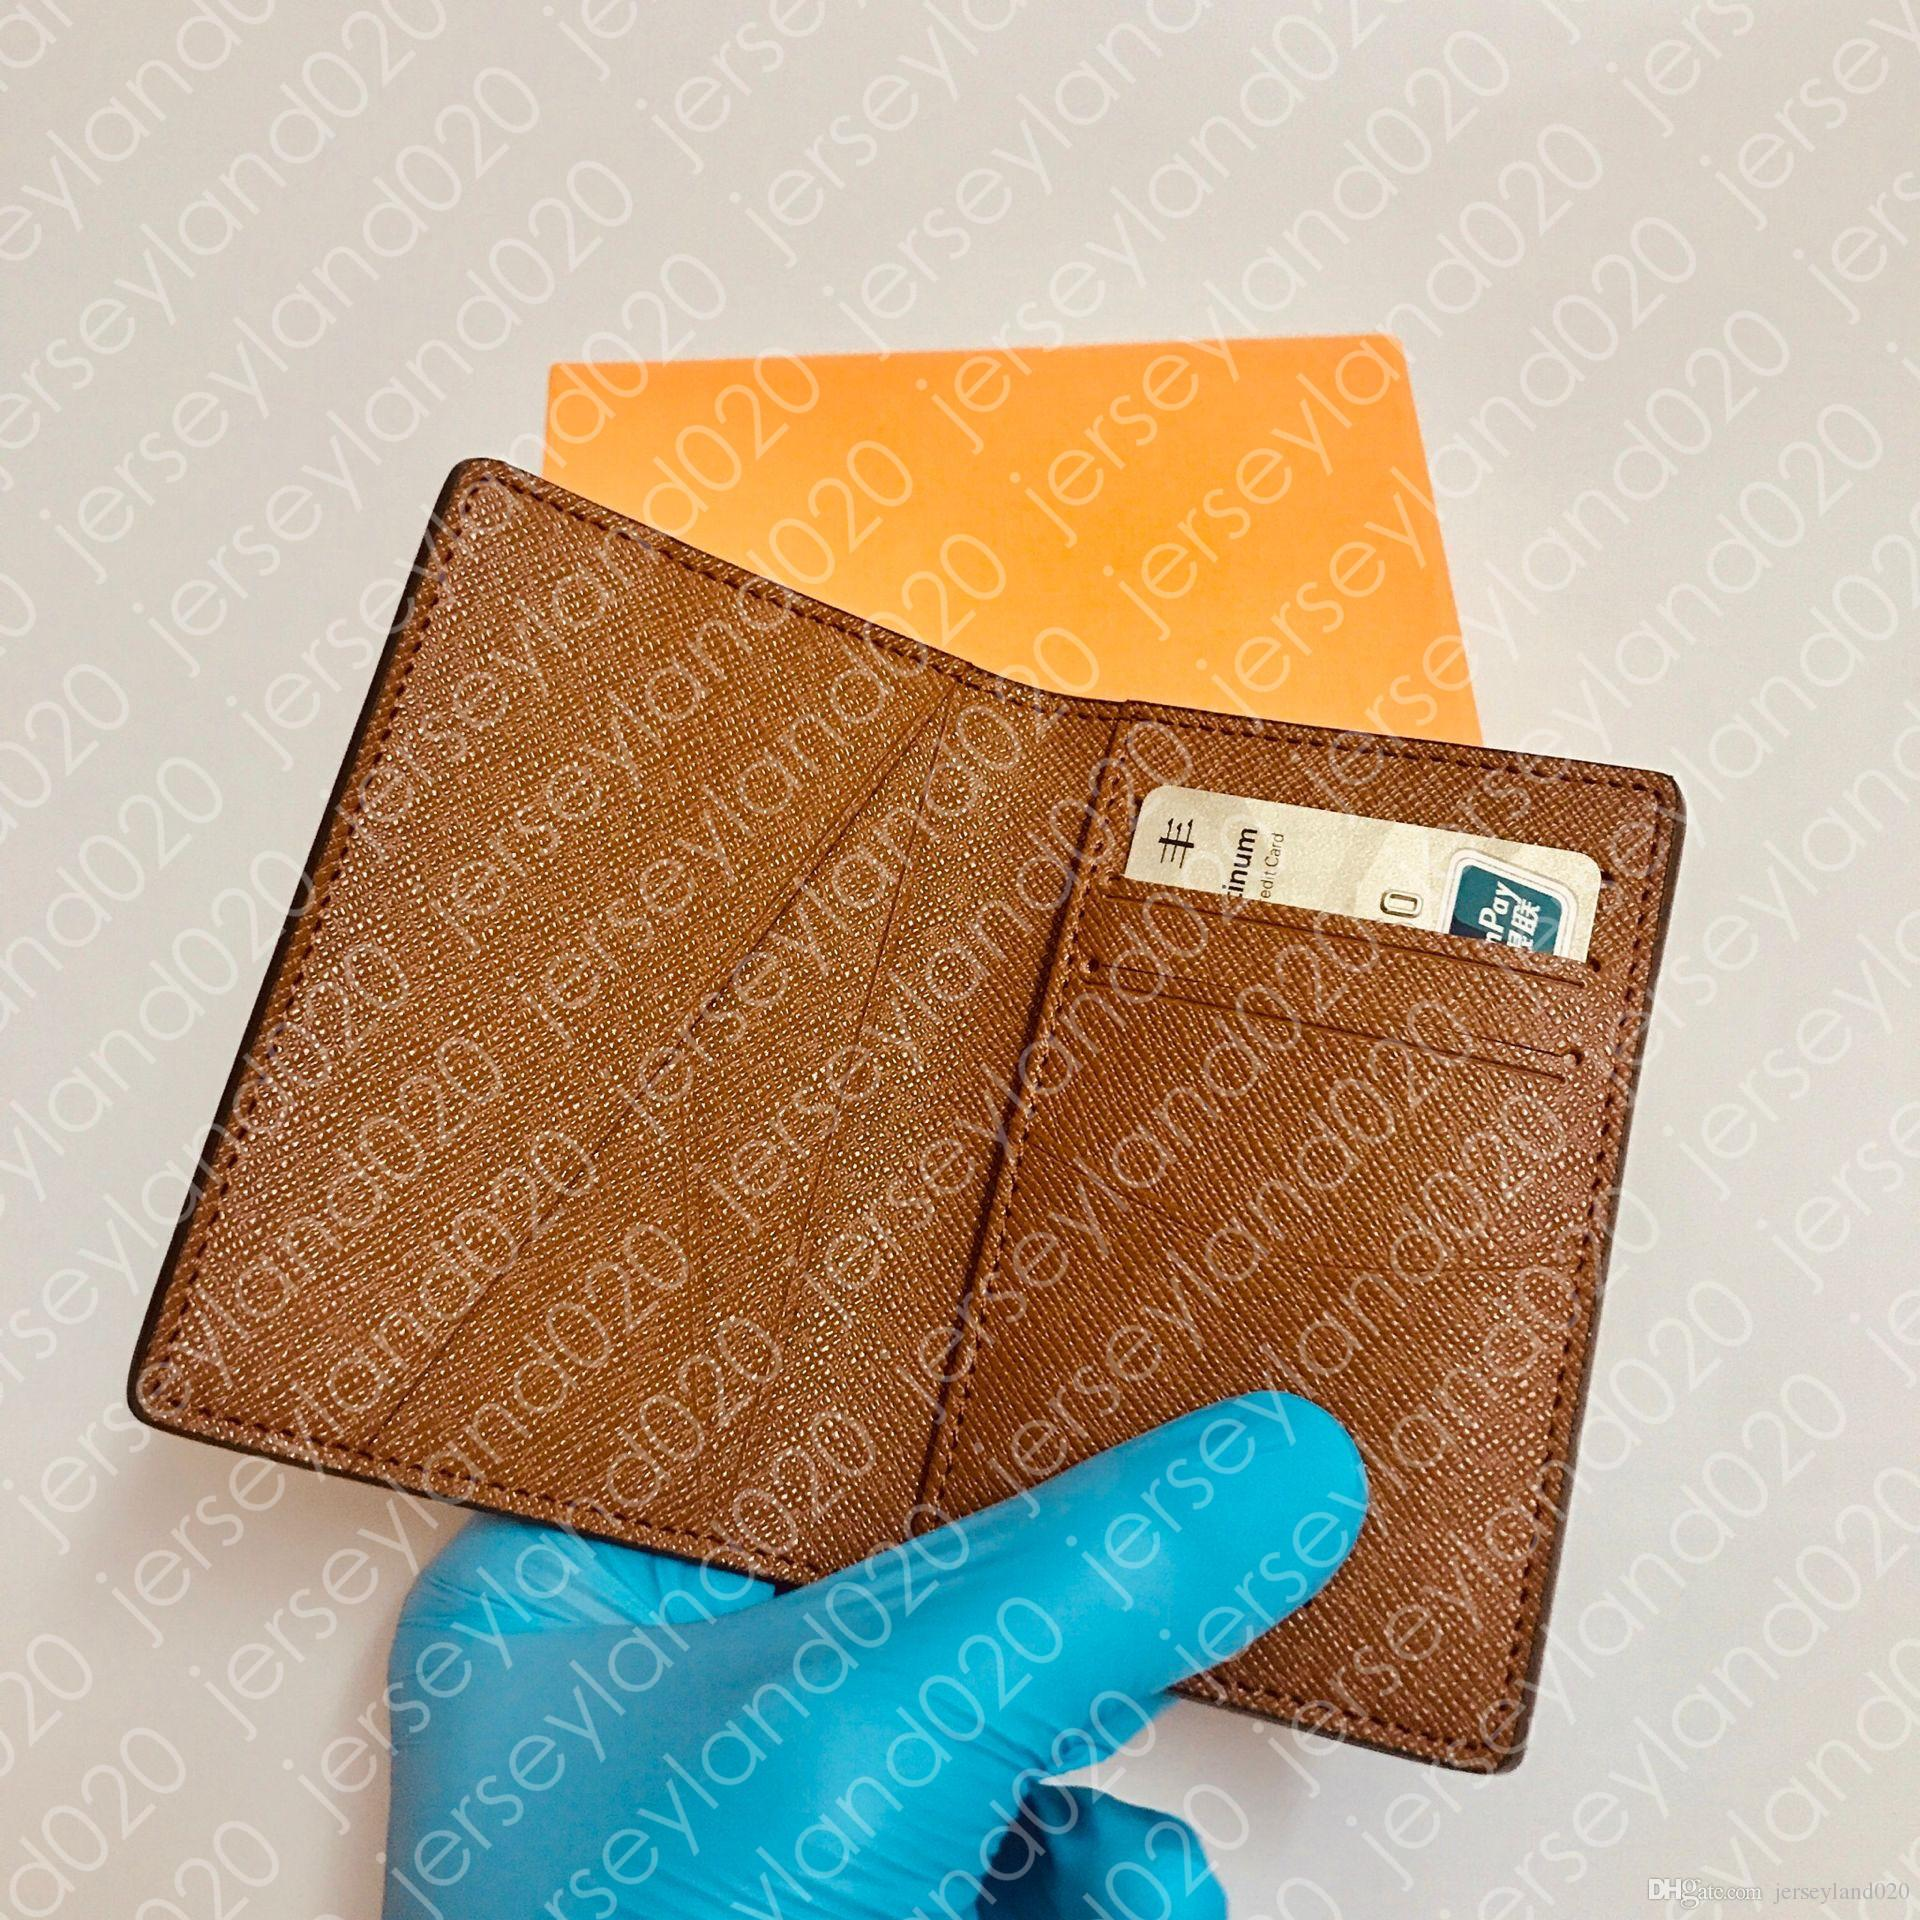 Компактный POCKET ОРГАНИЗАТОР M60502 Мужская Модельер Короткие Роскошные Multiple кошелек Key монет держатель карты Damier Graphite Canvas N63143